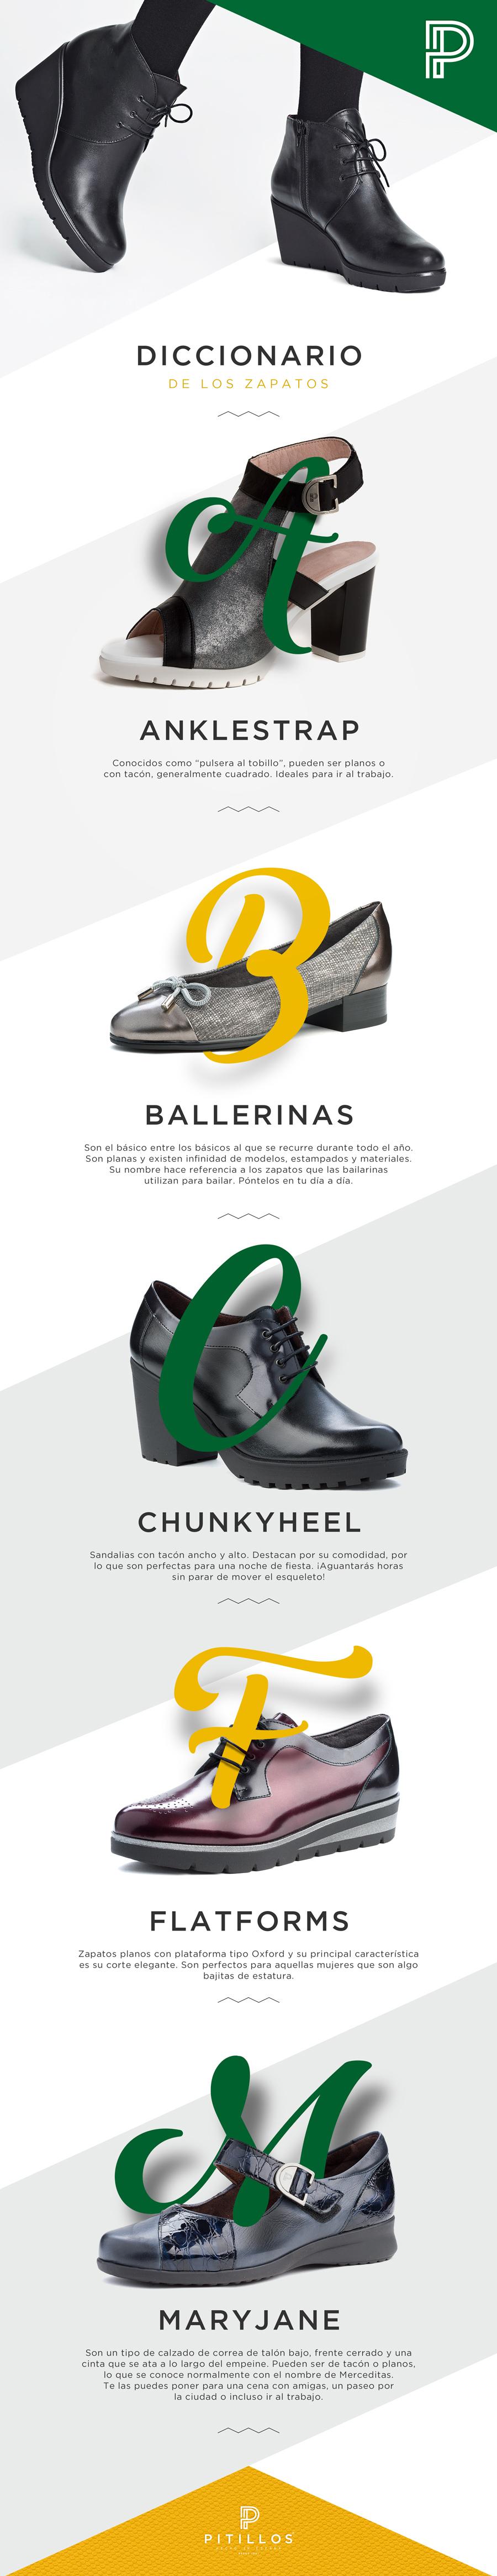 Diccionario del calzado